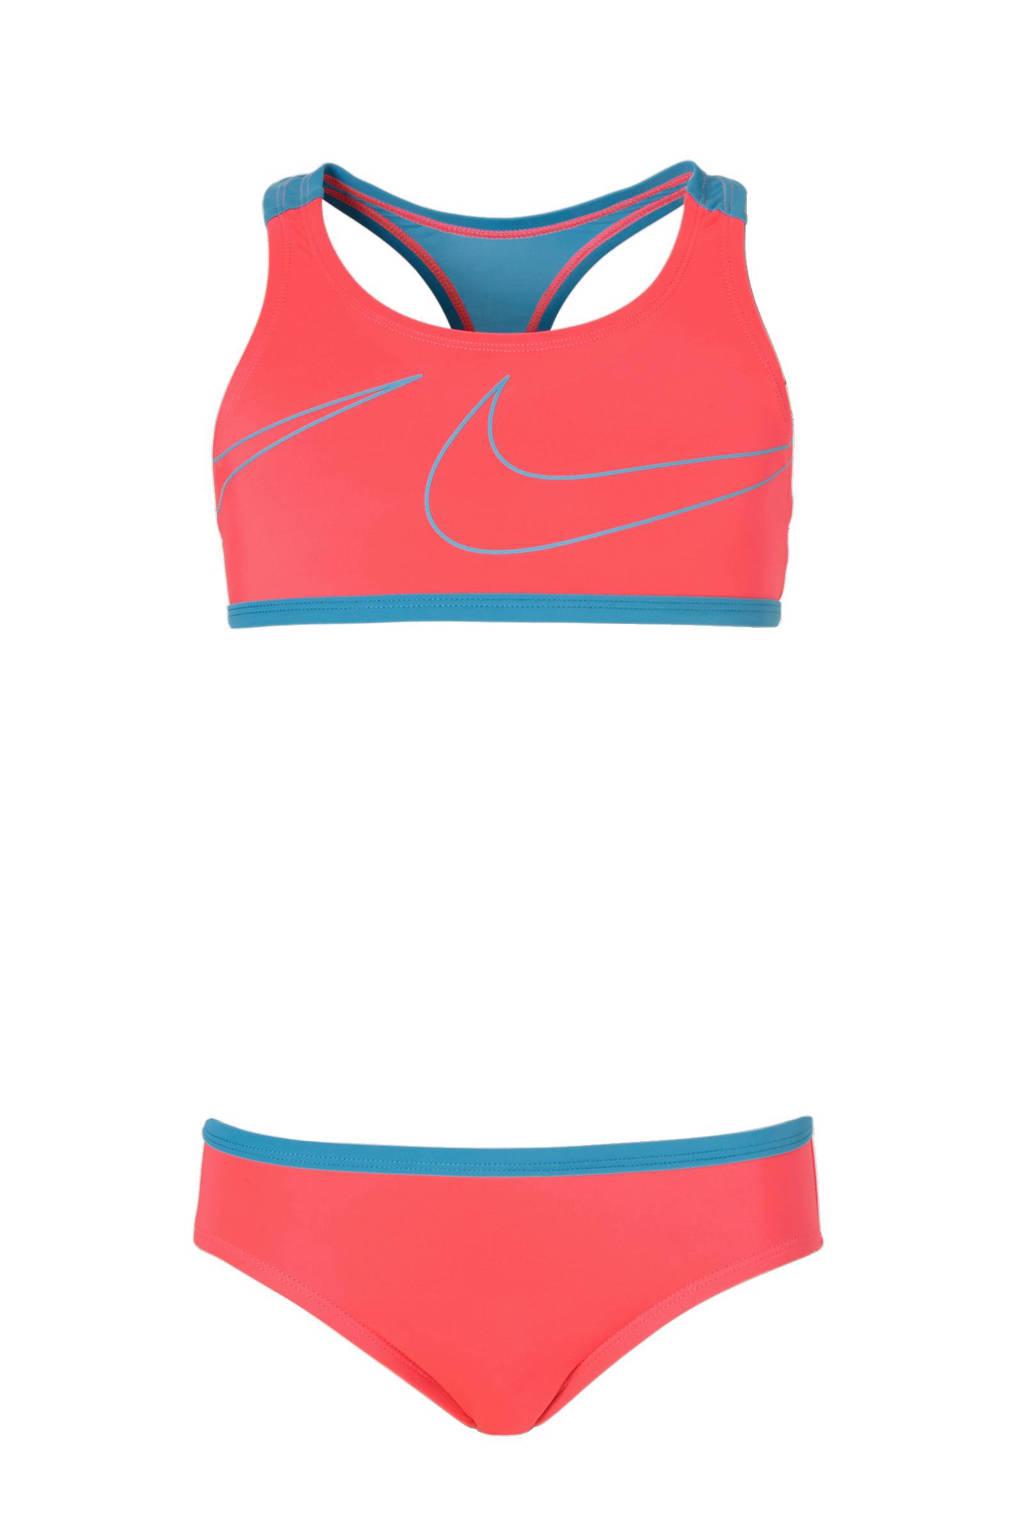 b8c03b2d4fbda4 Nike sport bikini, Roze/blauw